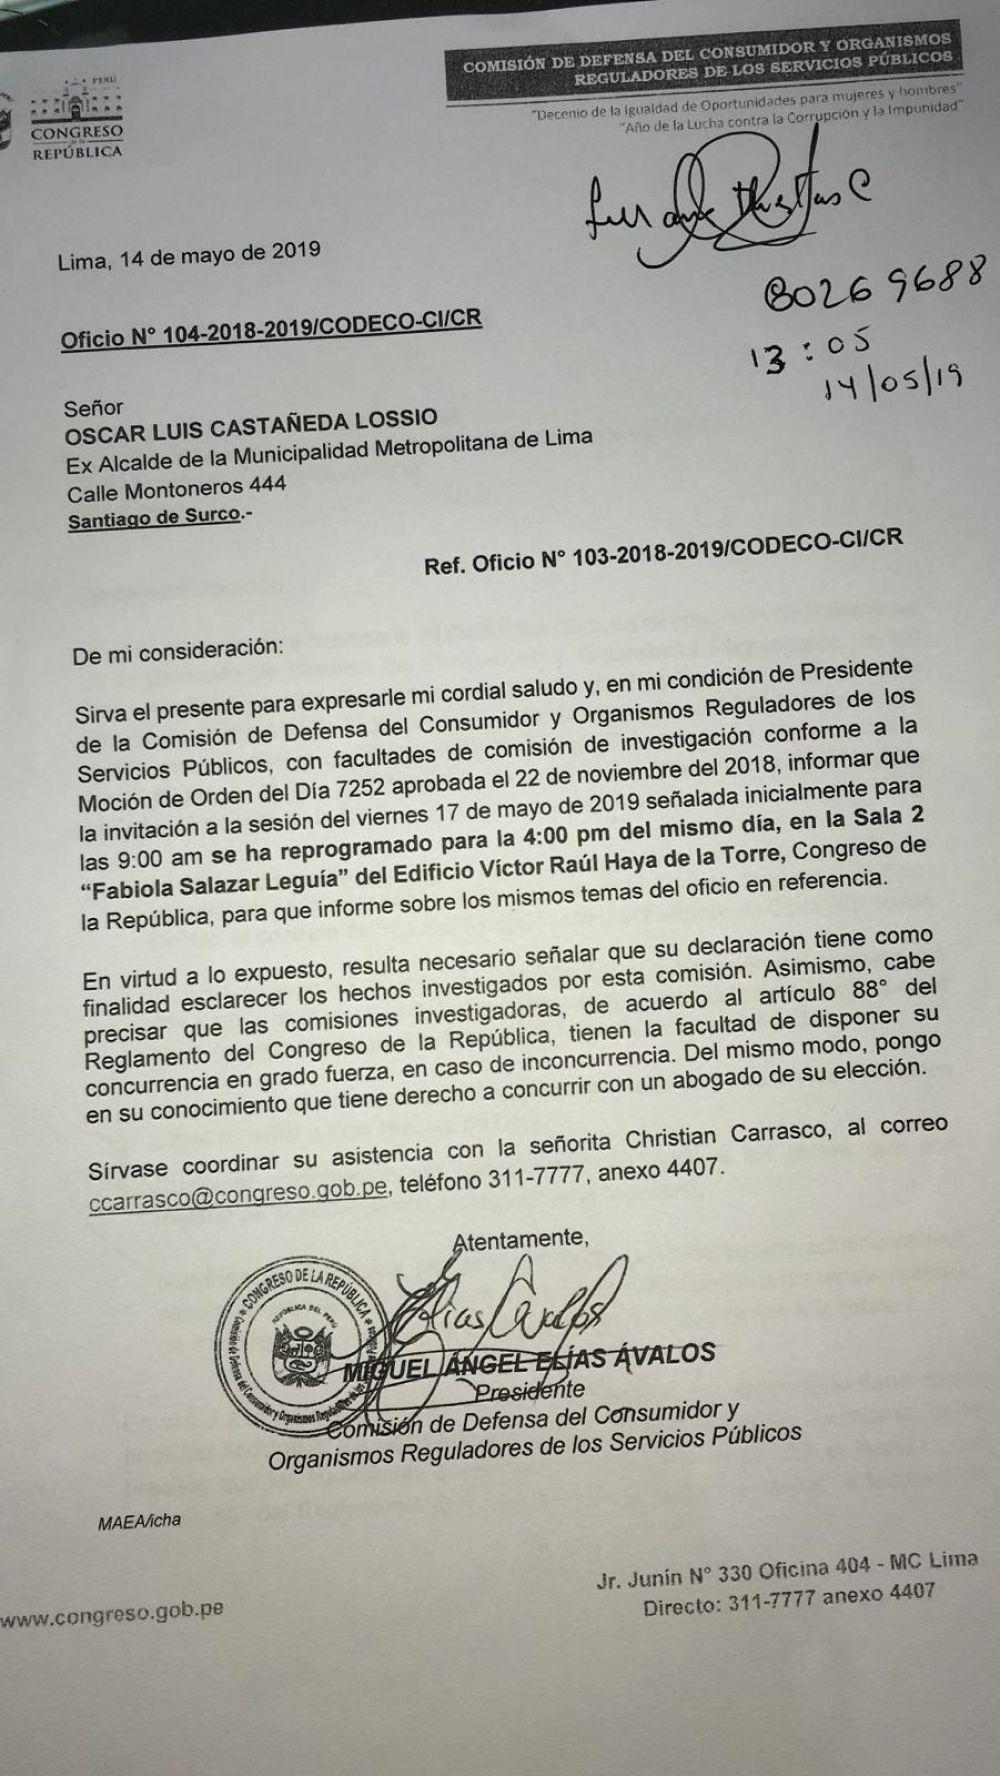 CITACION CASTAÑEDA